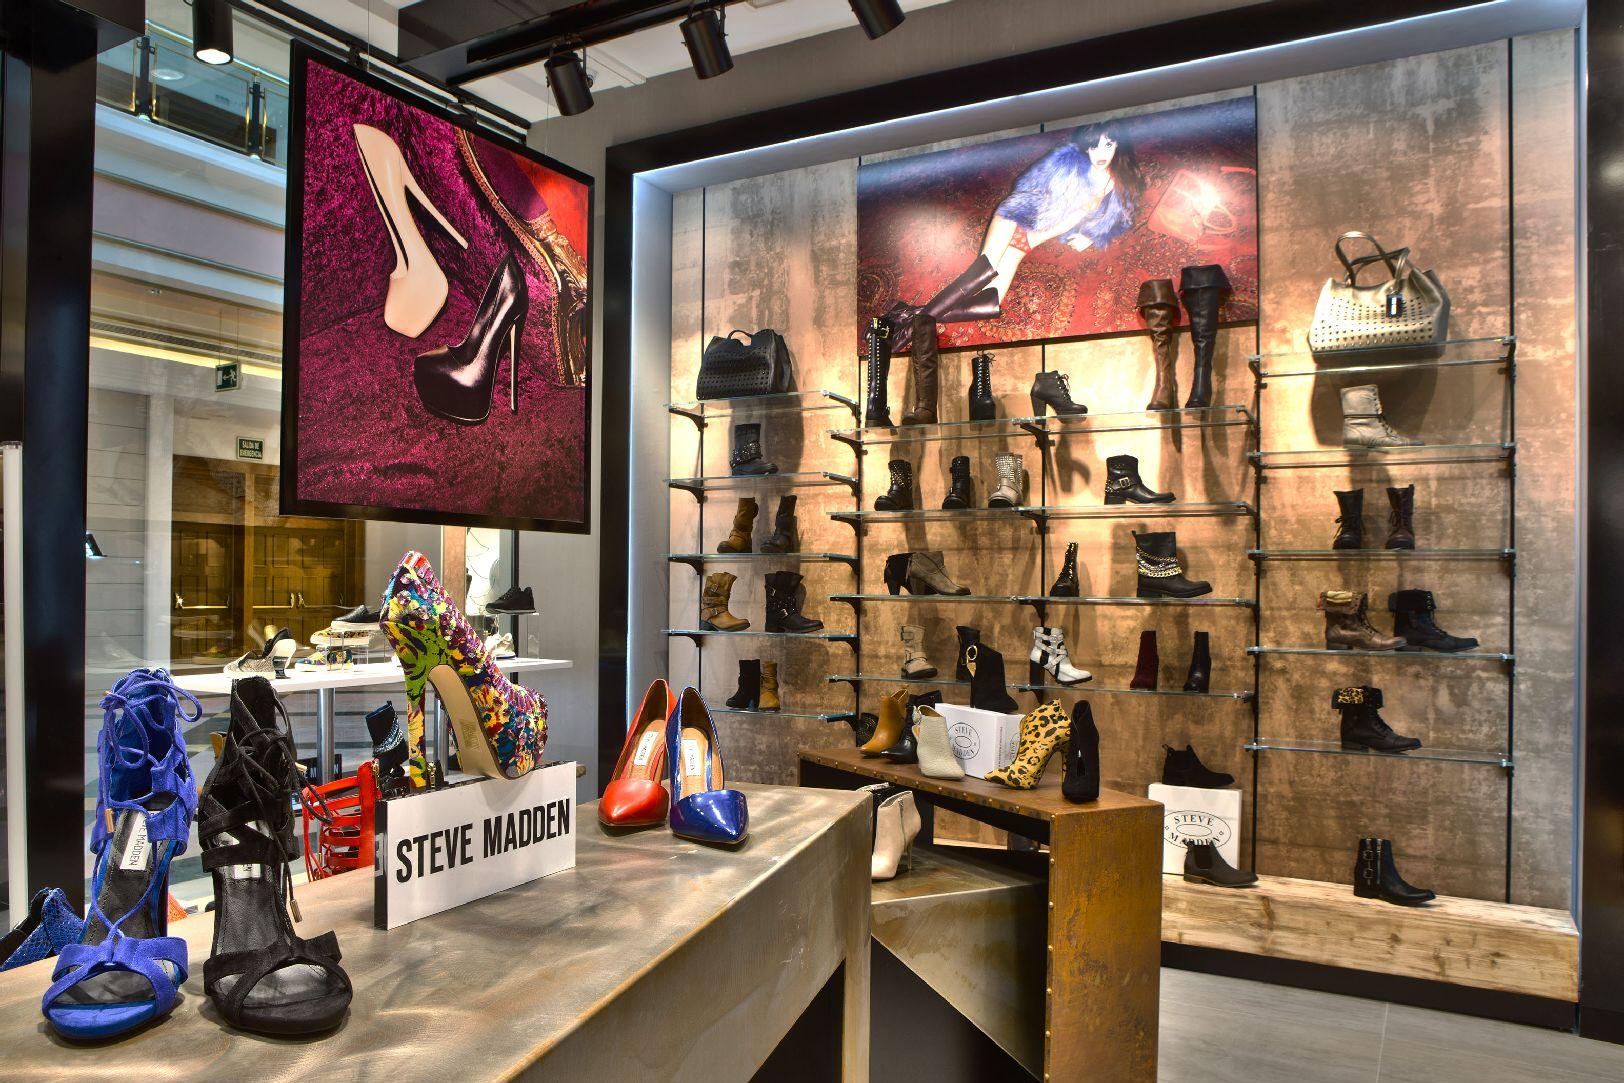 reinado Mus Fértil  Steve Madden Brand abre su segunda tienda en España, localizada en Madrid    FLASH MODA IN&OUT